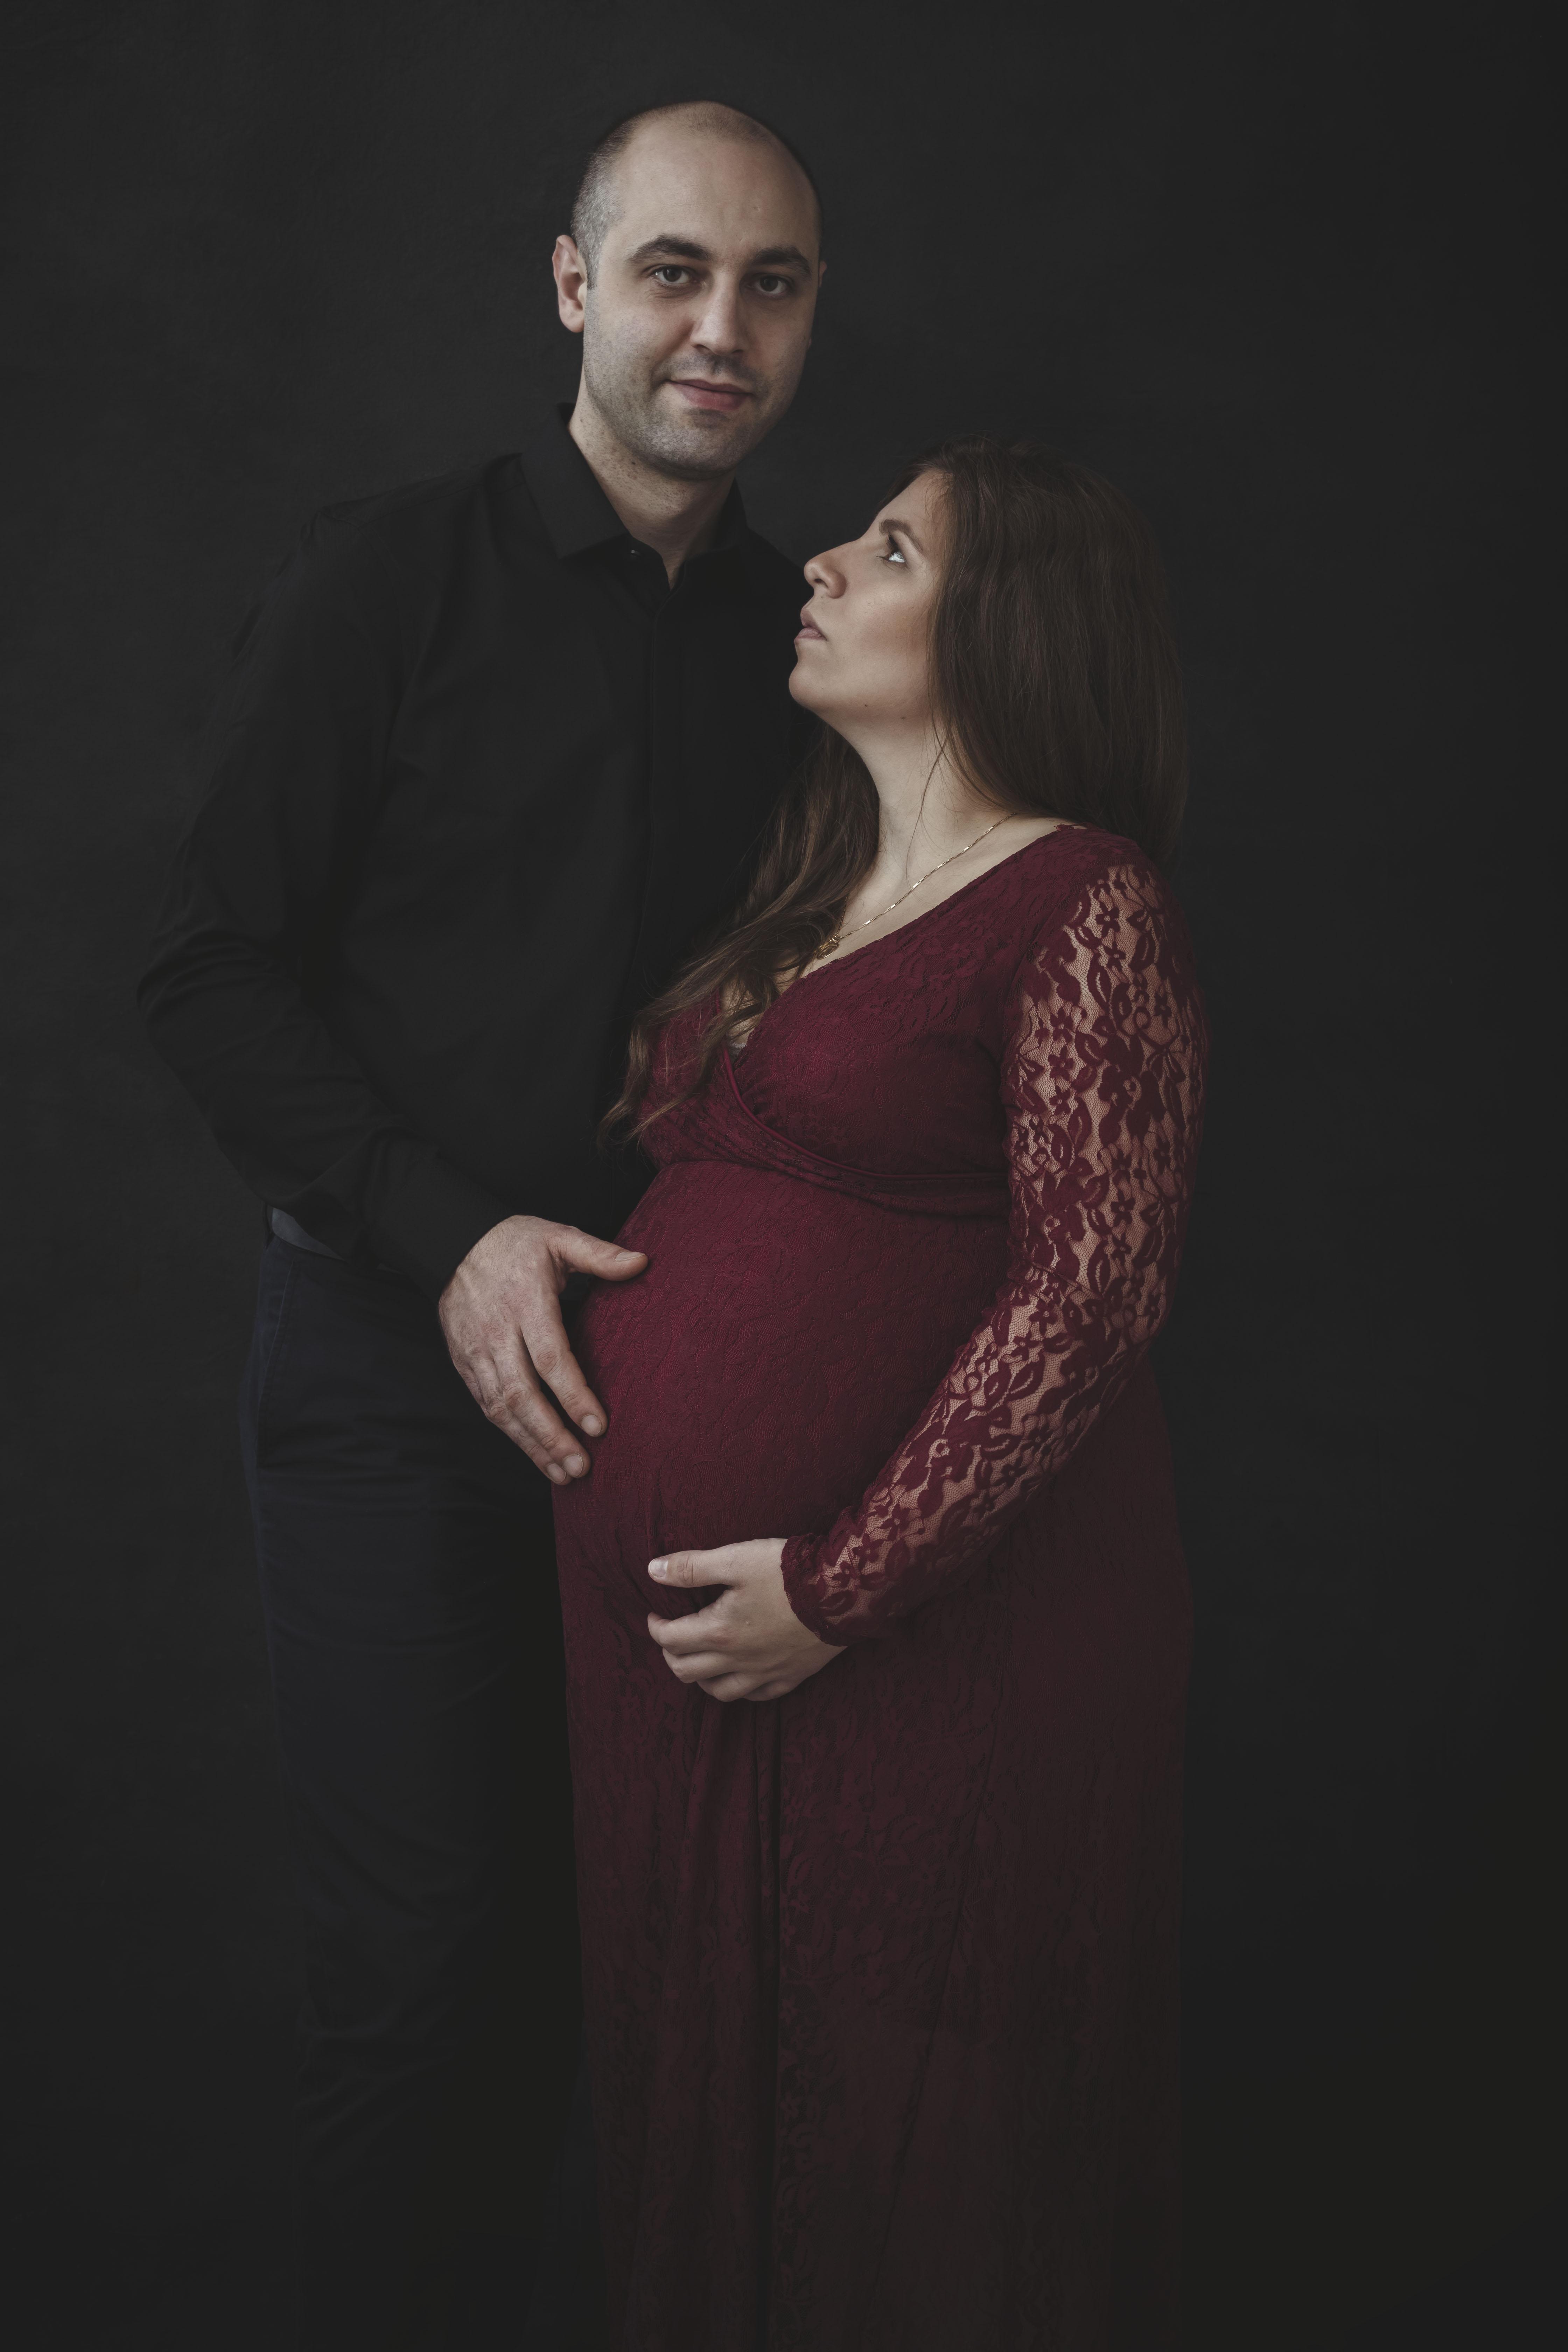 edinburgh pregnancy photoshoot